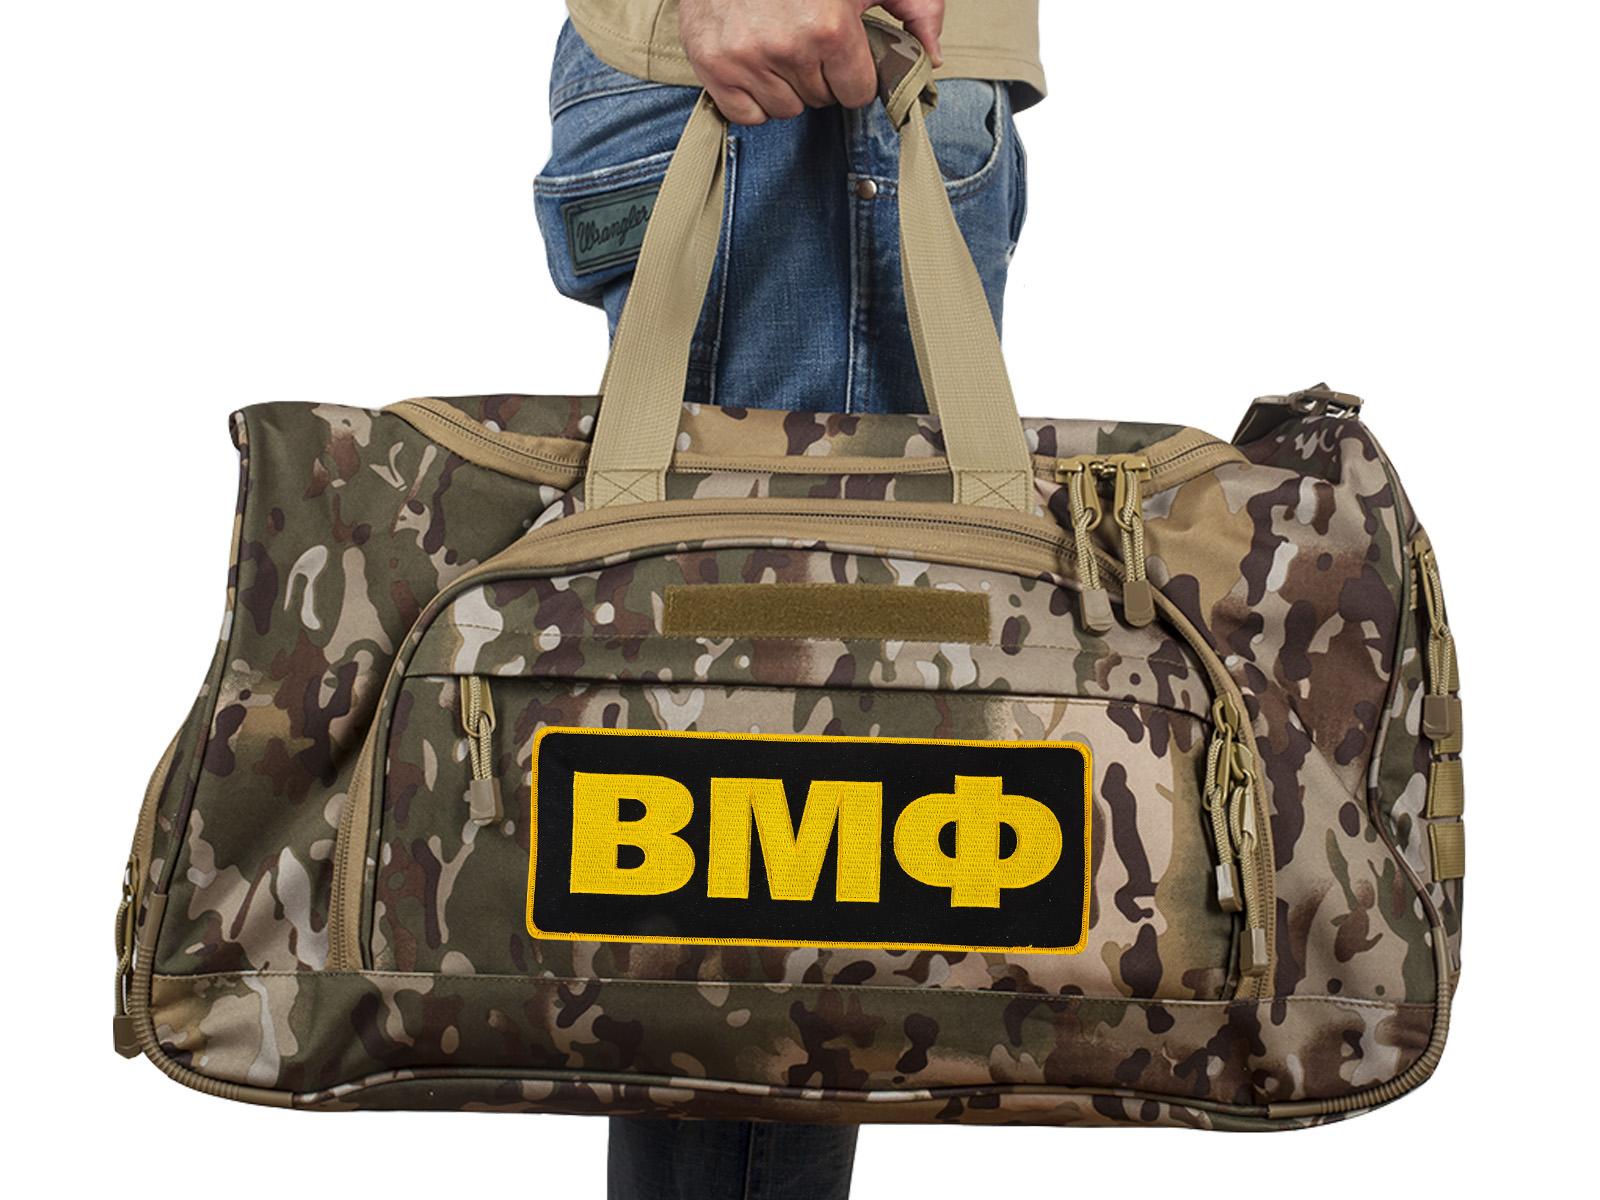 Купить армейскую тревожную сумку 08032B с нашивкой ВМФ оптом или в розницу выгодно